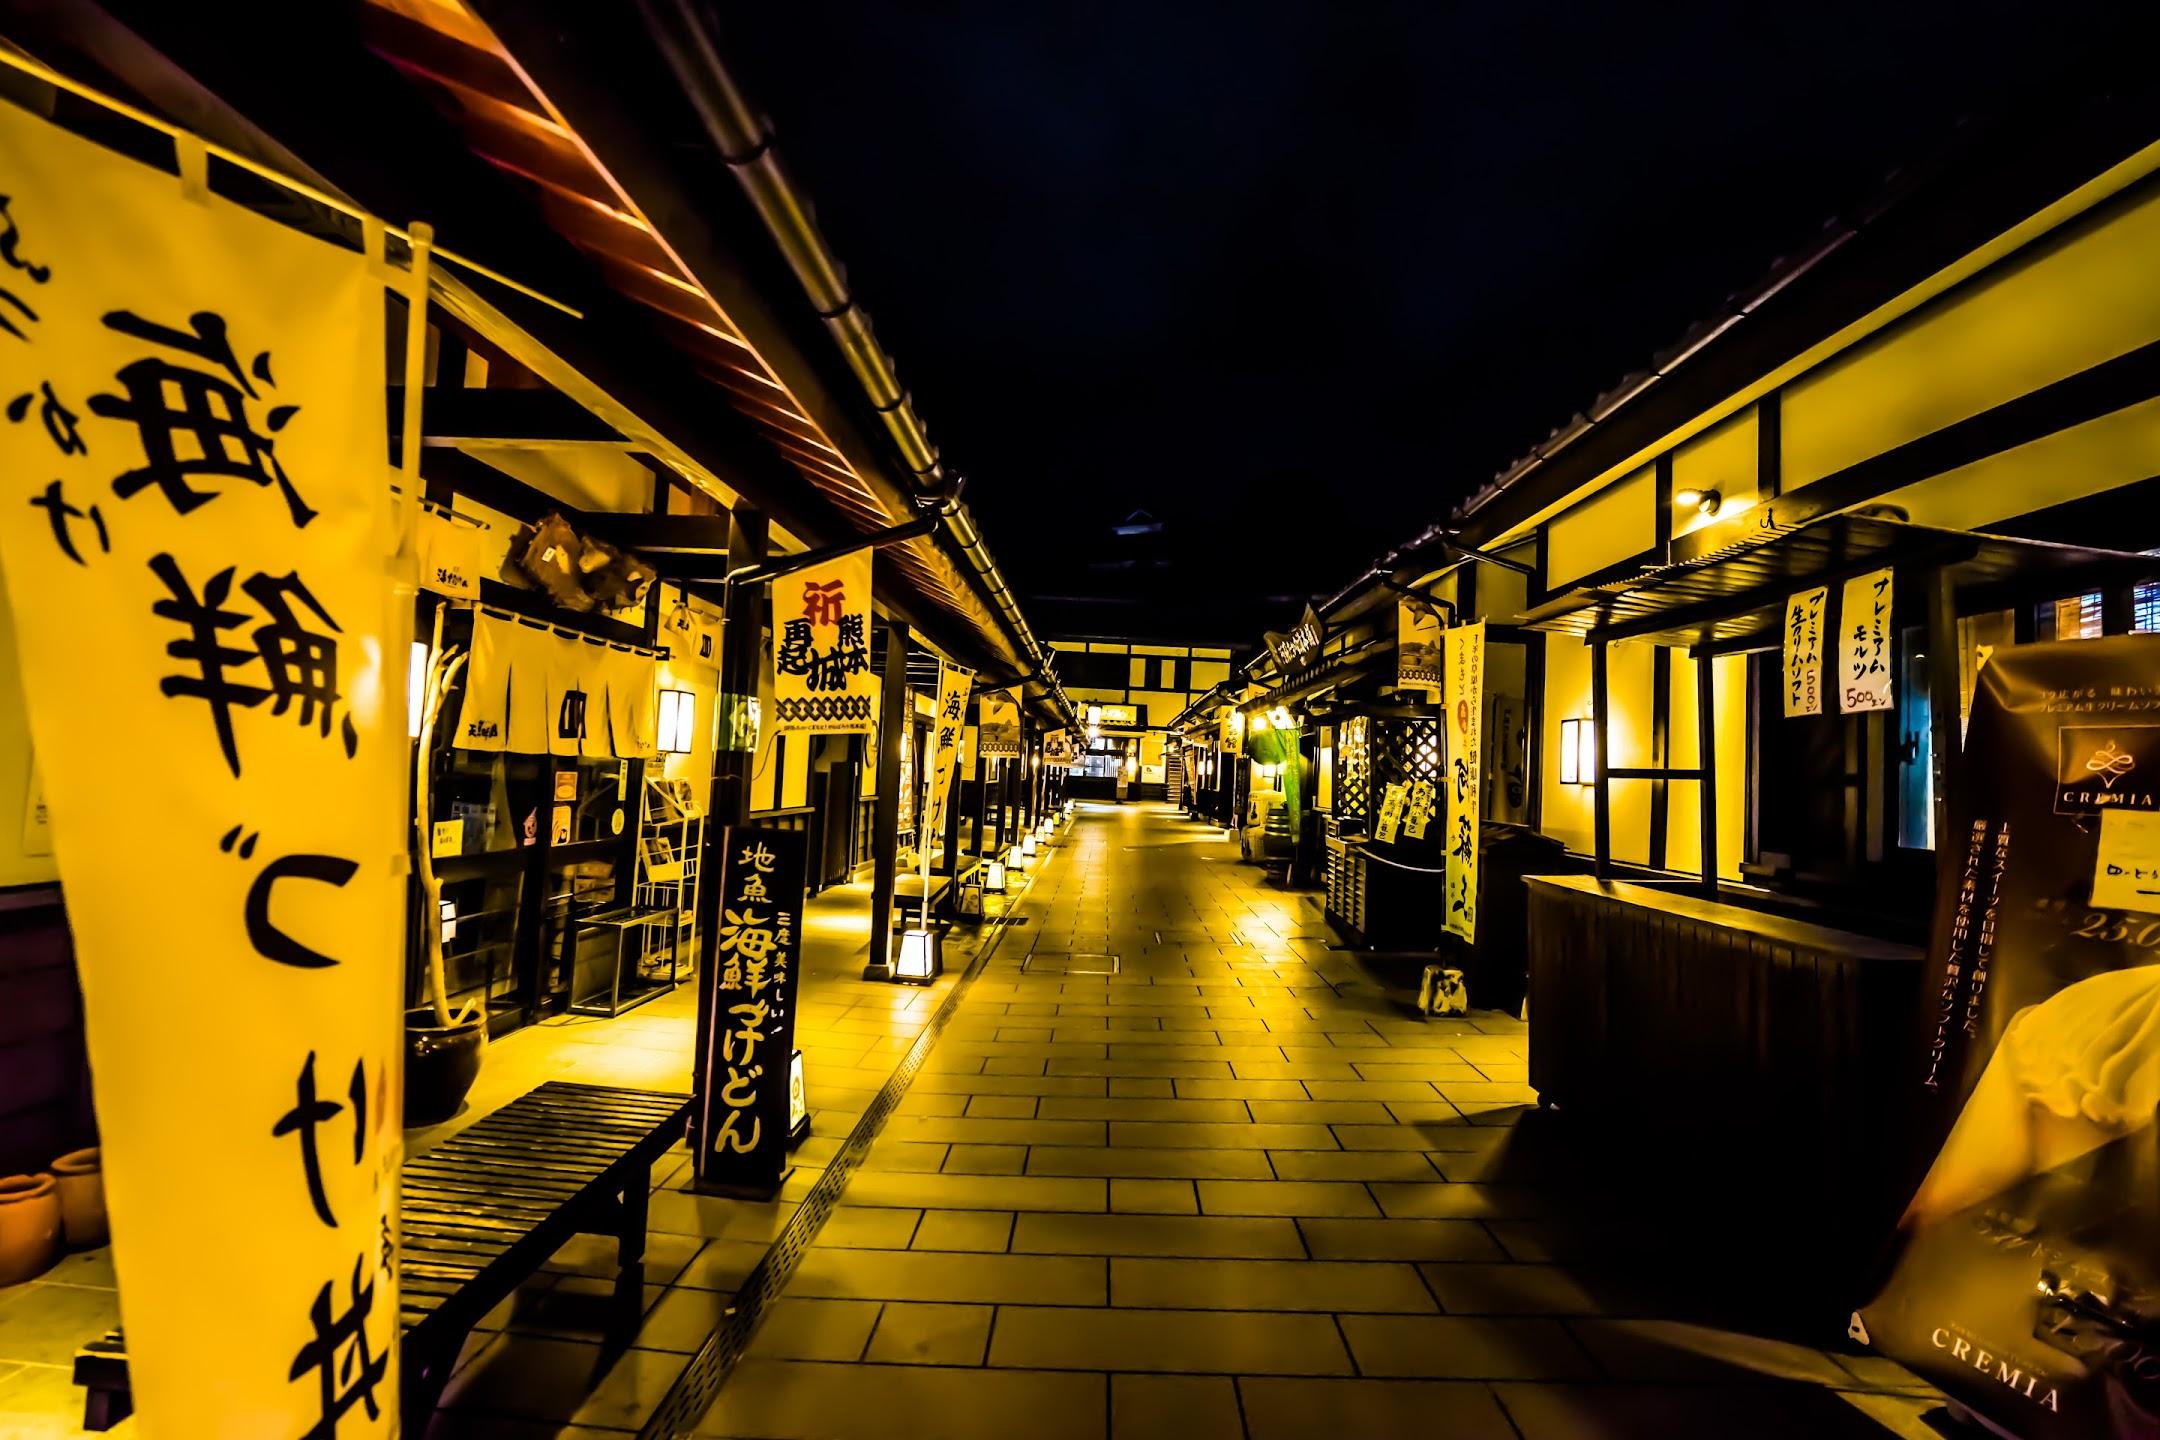 熊本 桜の小路 ライトアップ3